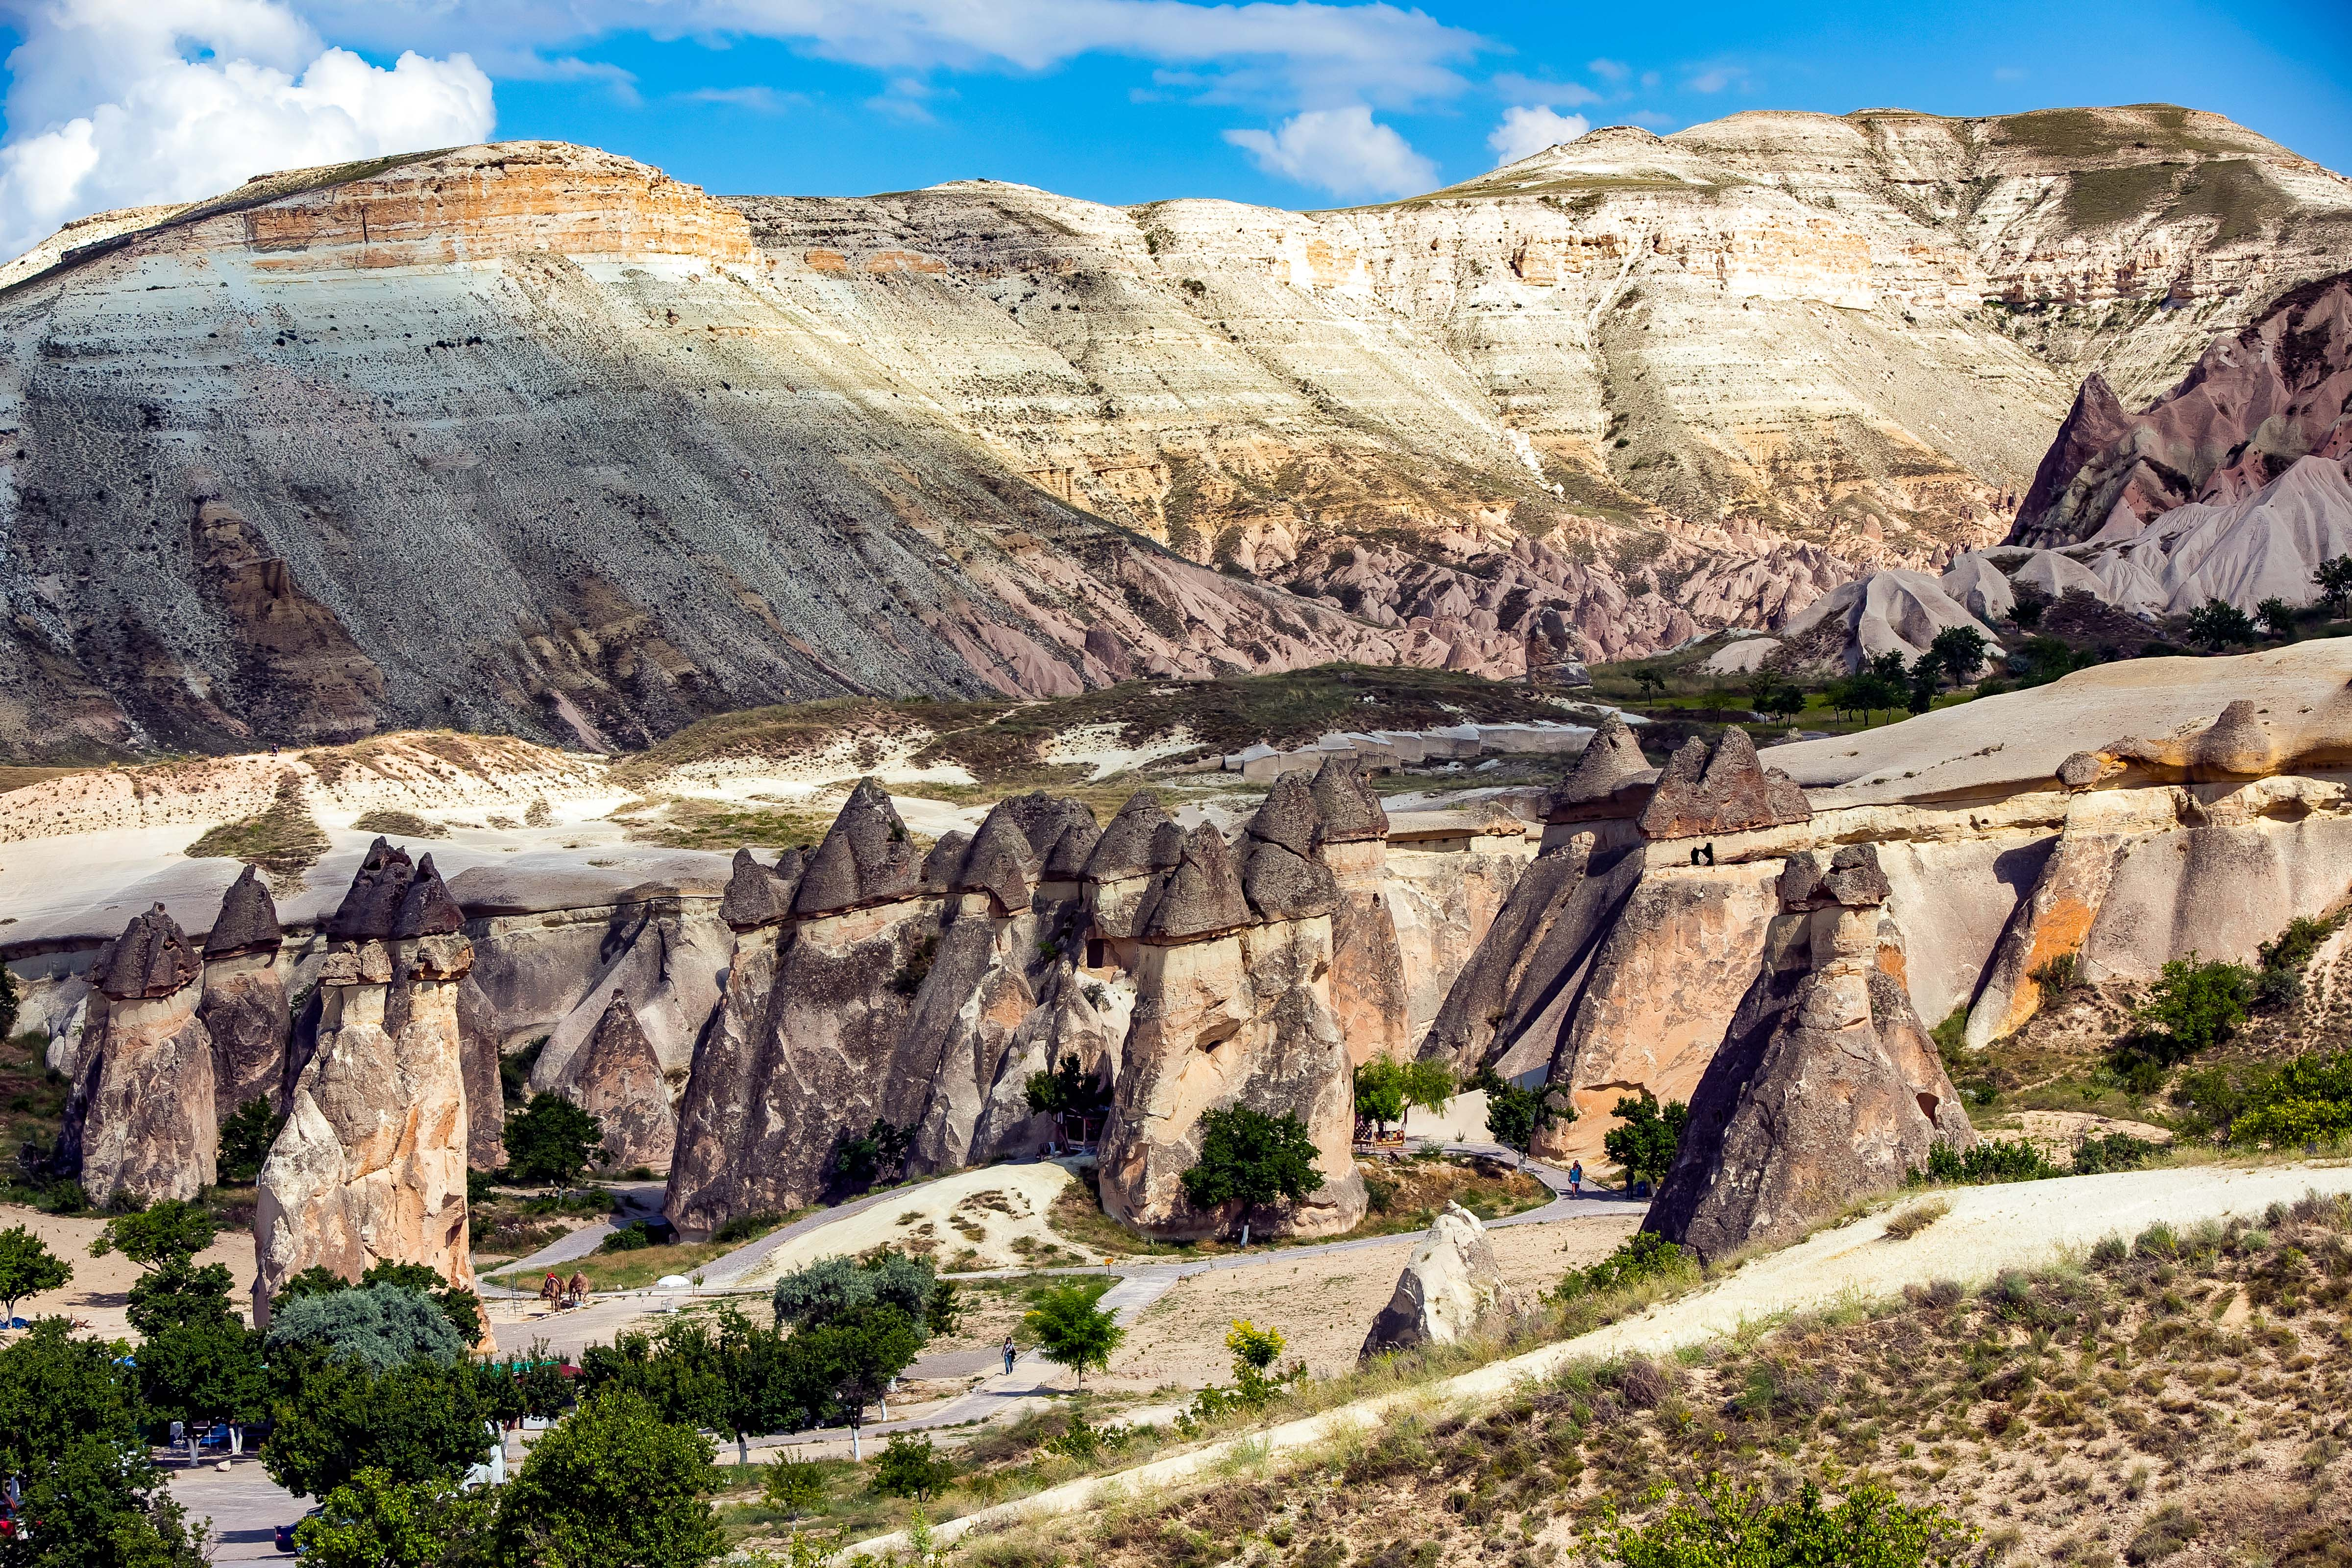 Turkey, Nevsehir Prov, Cappadocia Pasa Bagi, 2010, IMG 9197r1